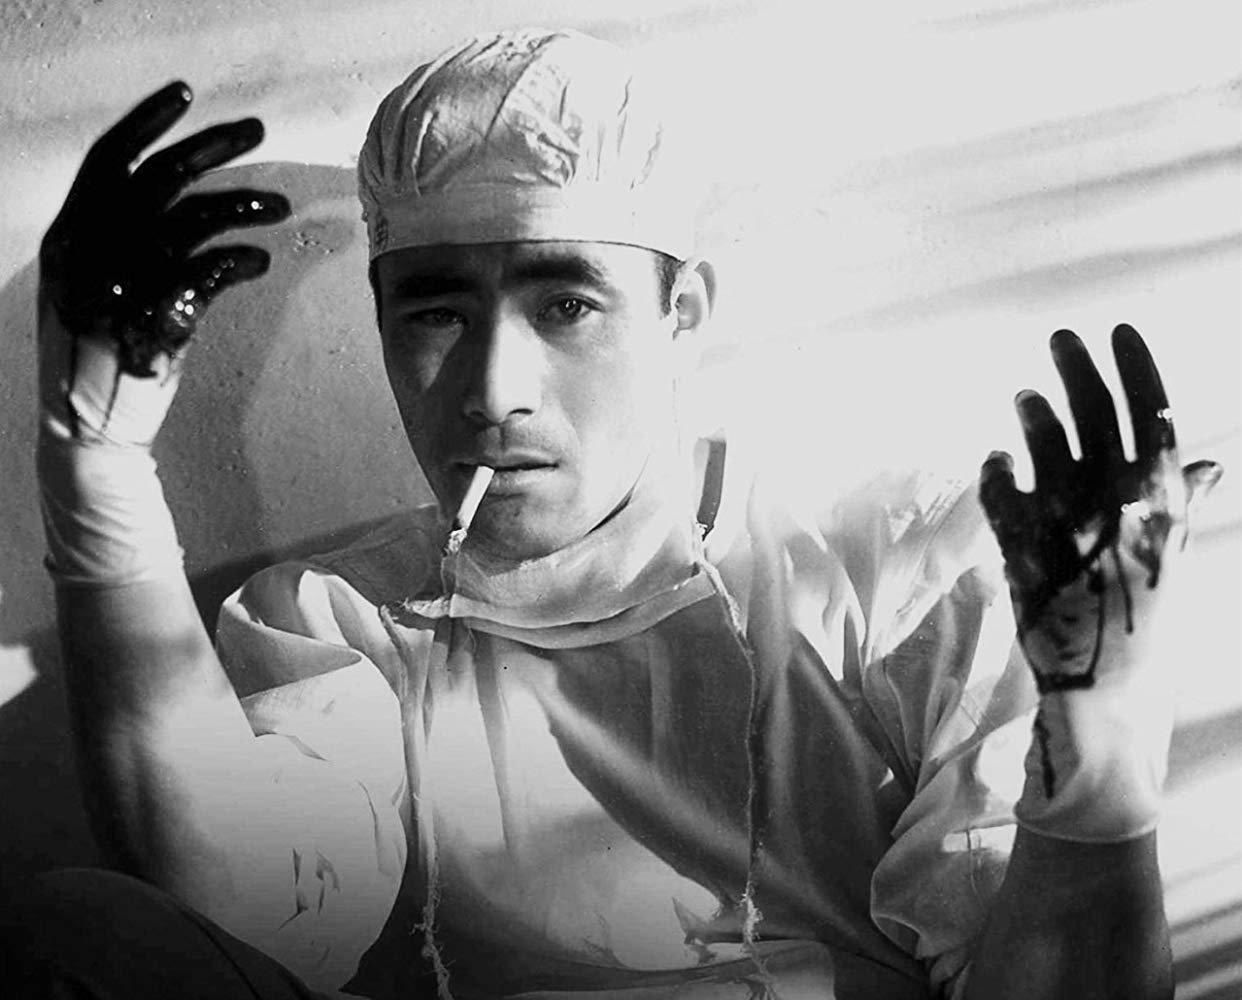 Toshiro Mifune in The Quiet Duel